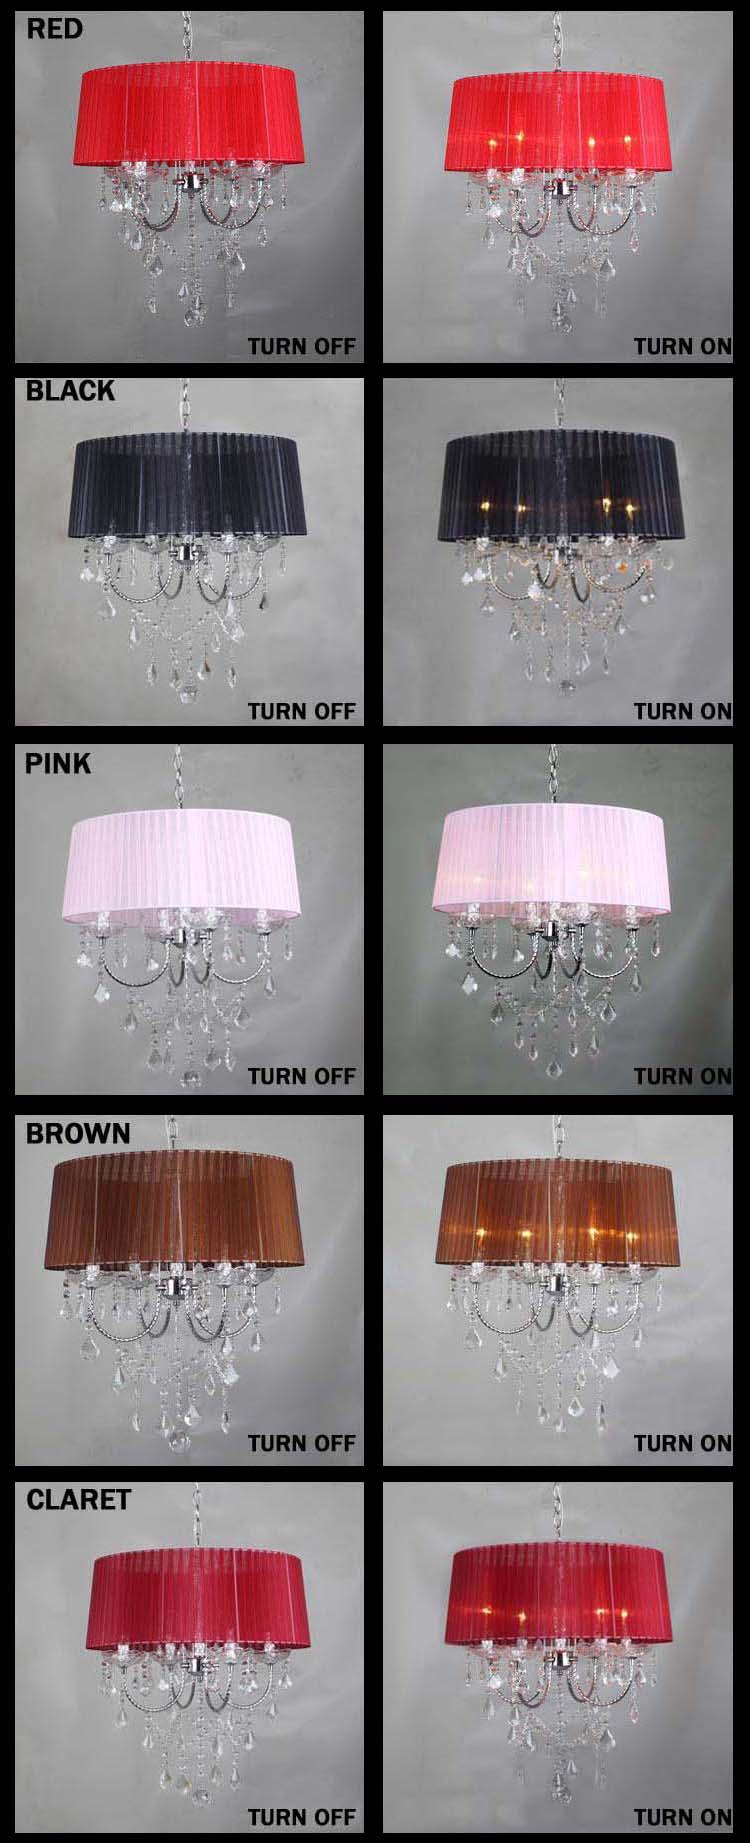 Осветительная лампа, подвесные светильники, светодиодная Хрустальная спальня, благородная Роскошная лампа, дымоход e14, лампа, стеклянная основа, светодиодная лампа, модный абажур XU